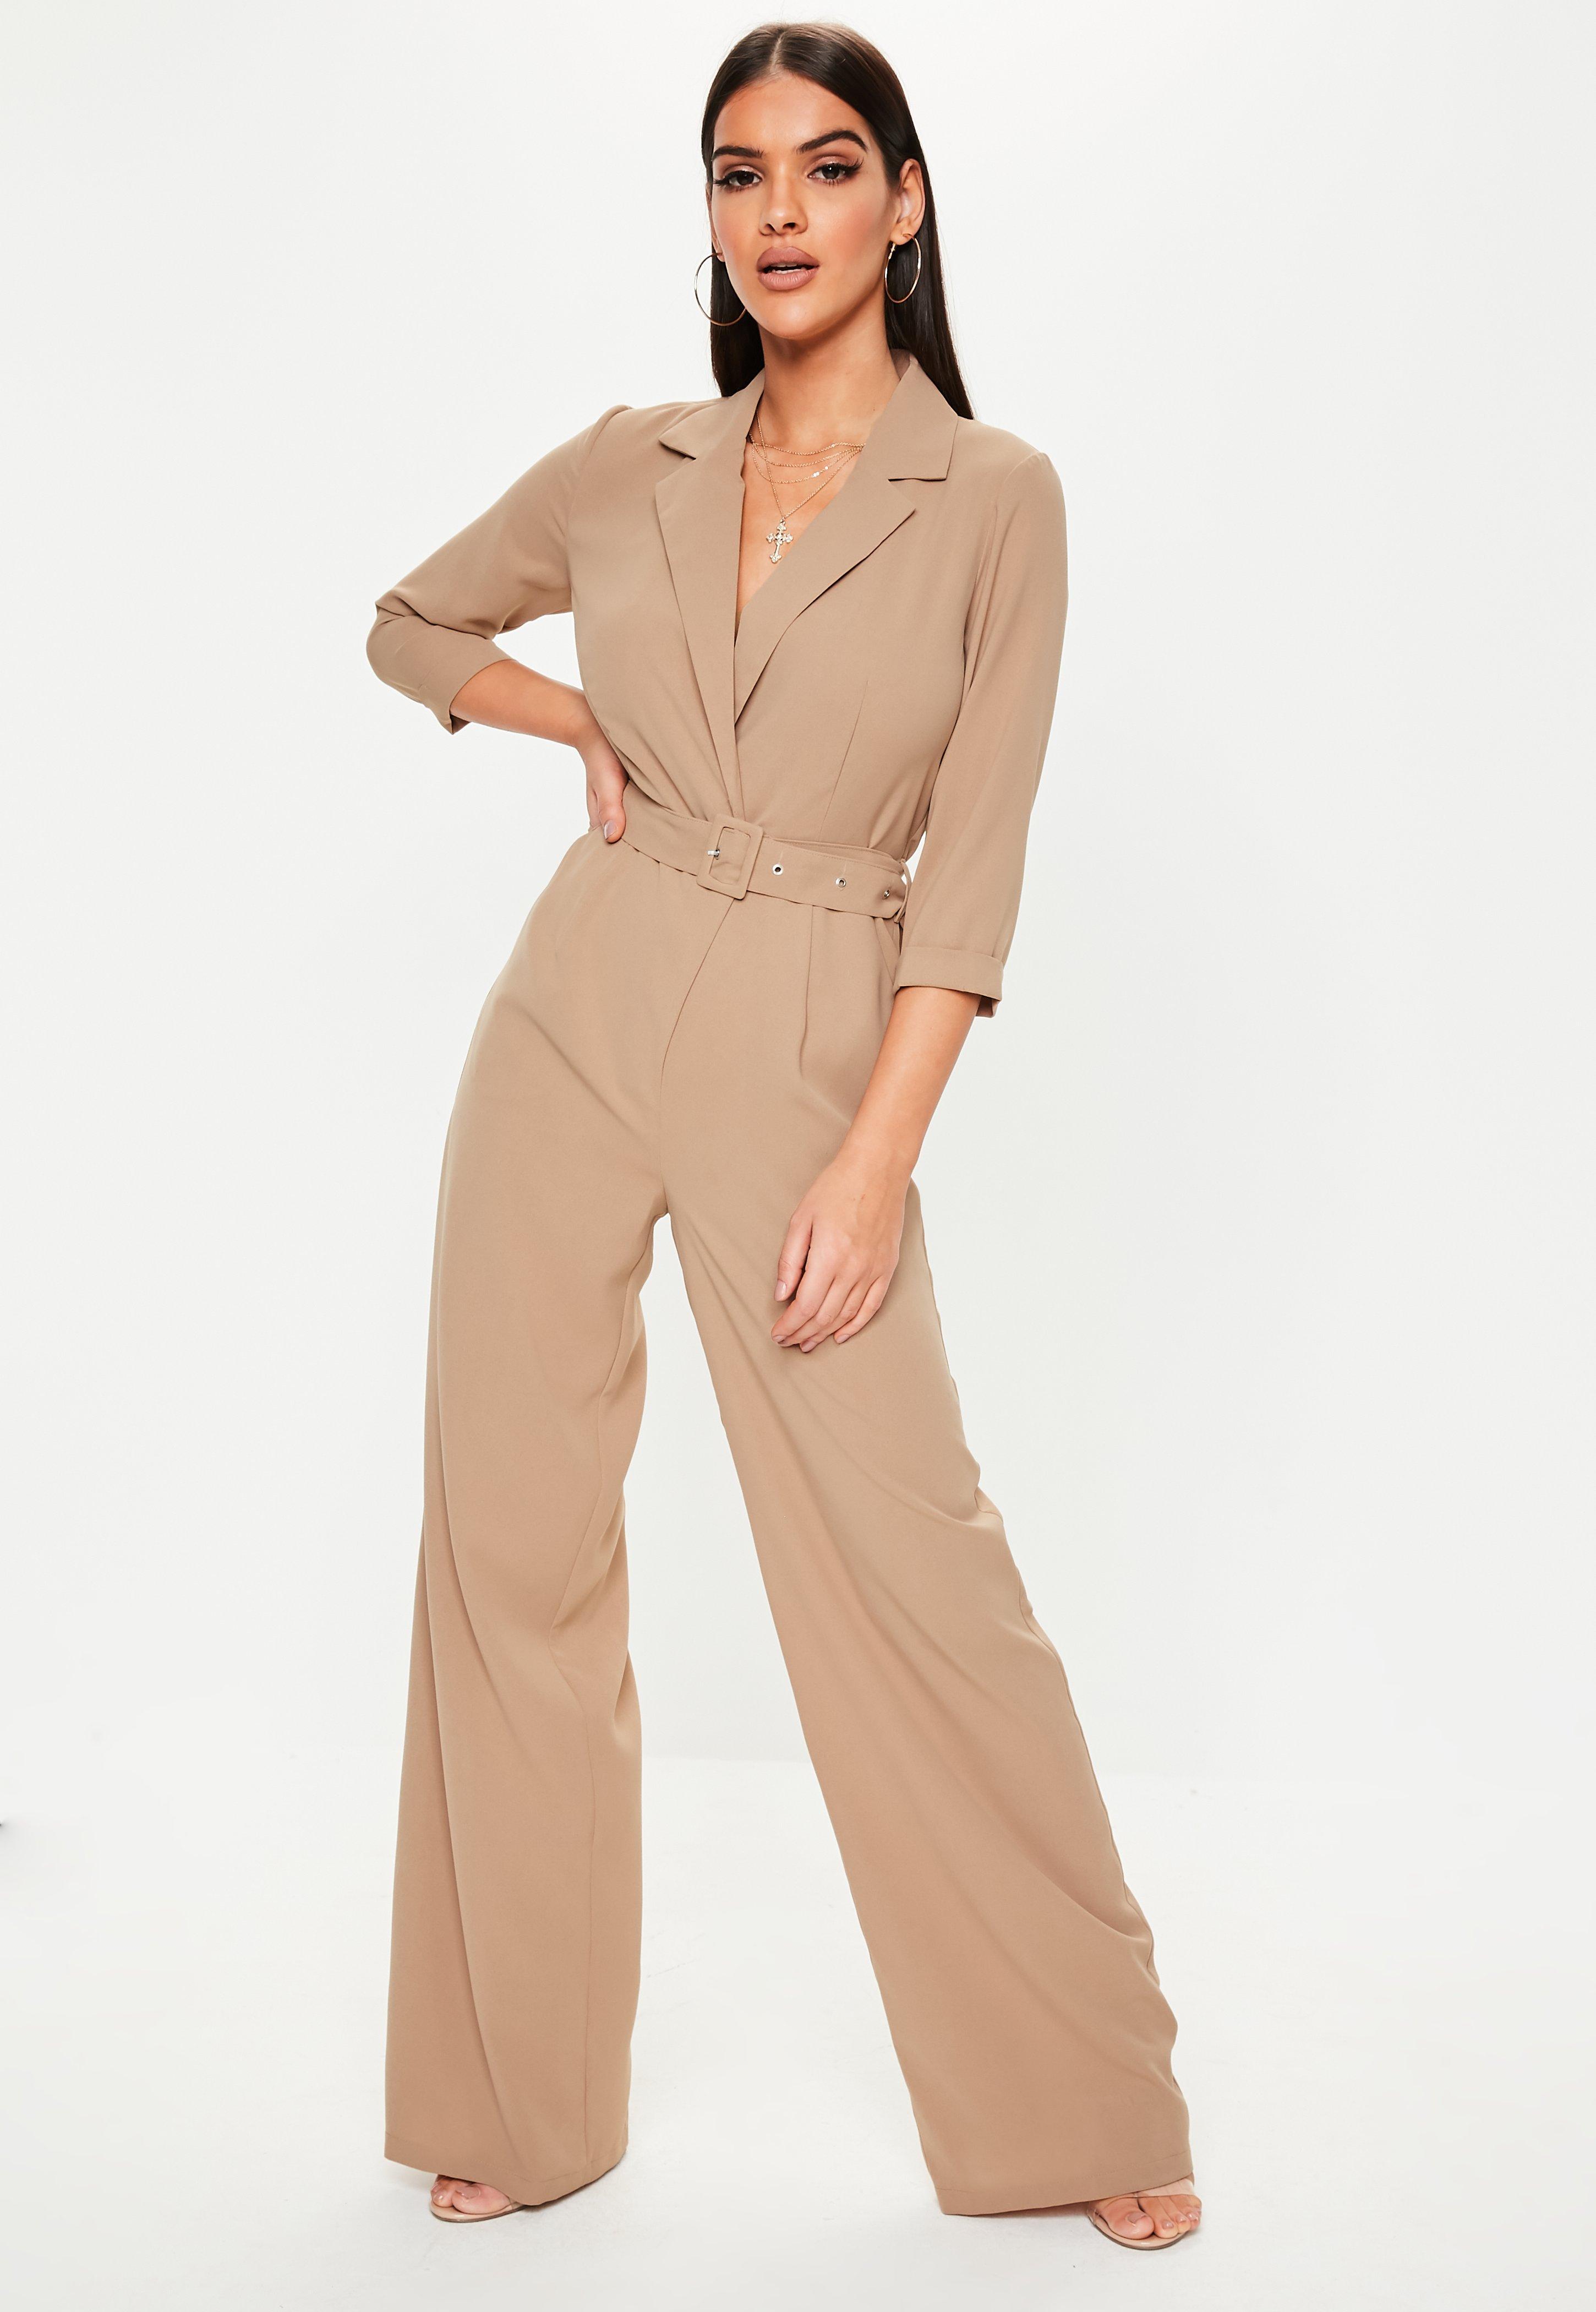 produits chauds super populaire Promotion de ventes Combinaison large blazer beige à ceinture